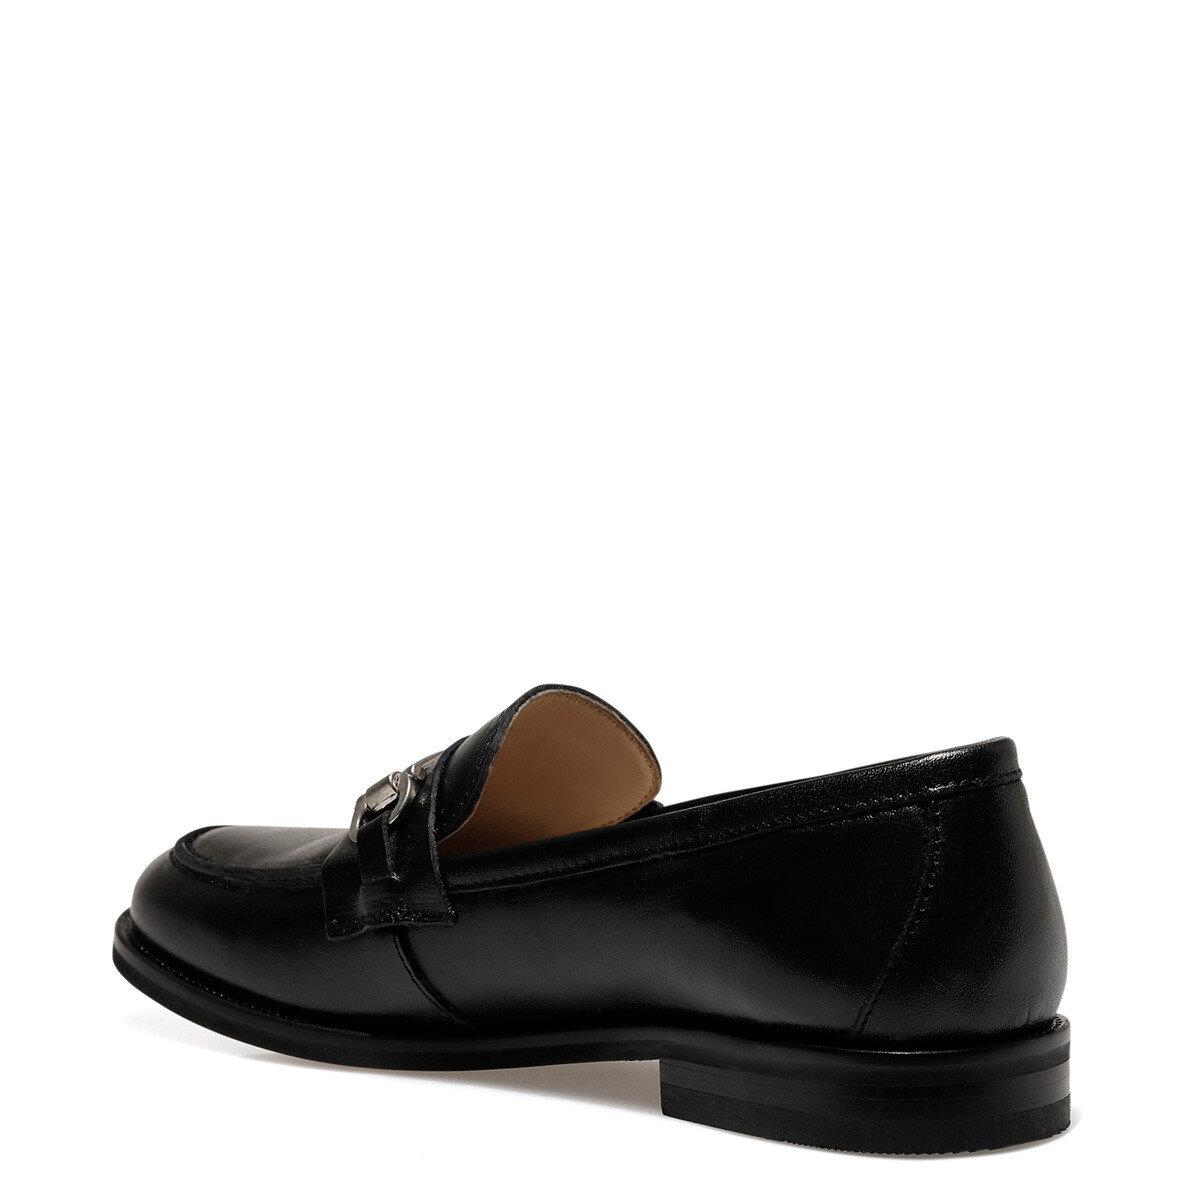 CLARISSA Siyah Kadın Loafer Ayakkabı